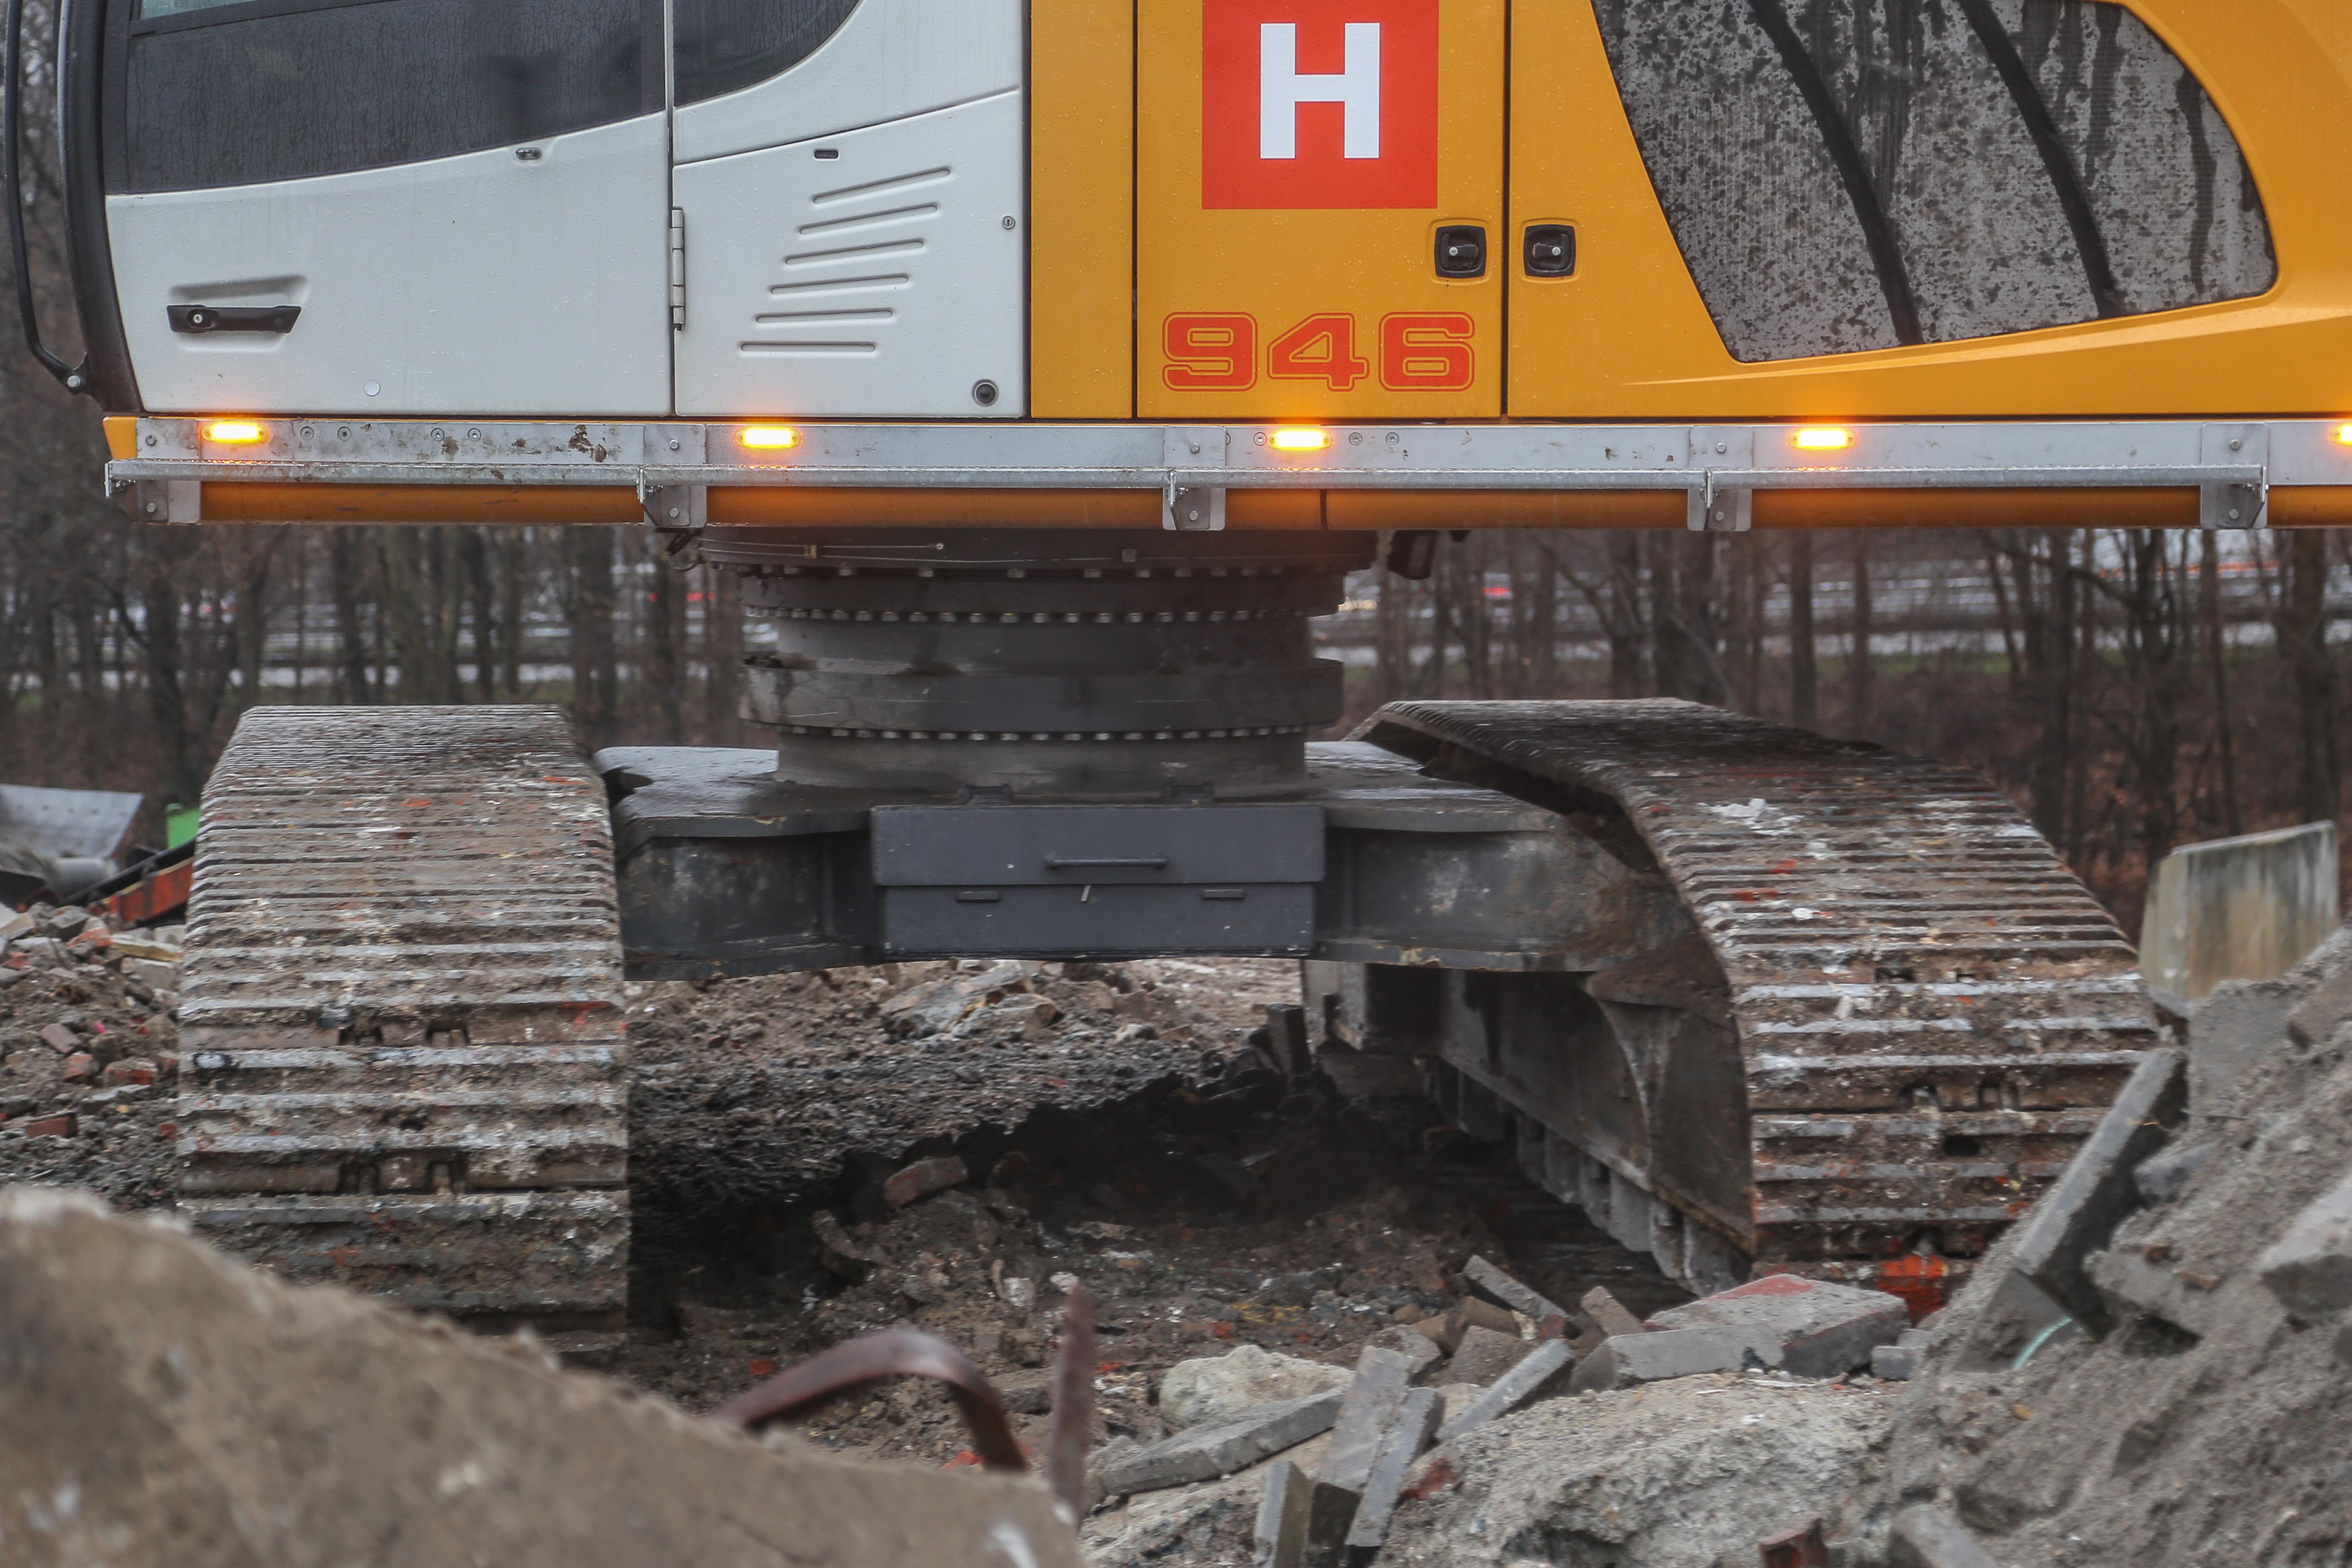 <p>De draaikransverhoging in beeld. De onderwagen staat verder op iets versmald spoor, om binnen de totale breedte van 3,5 meter te blijven.</p>